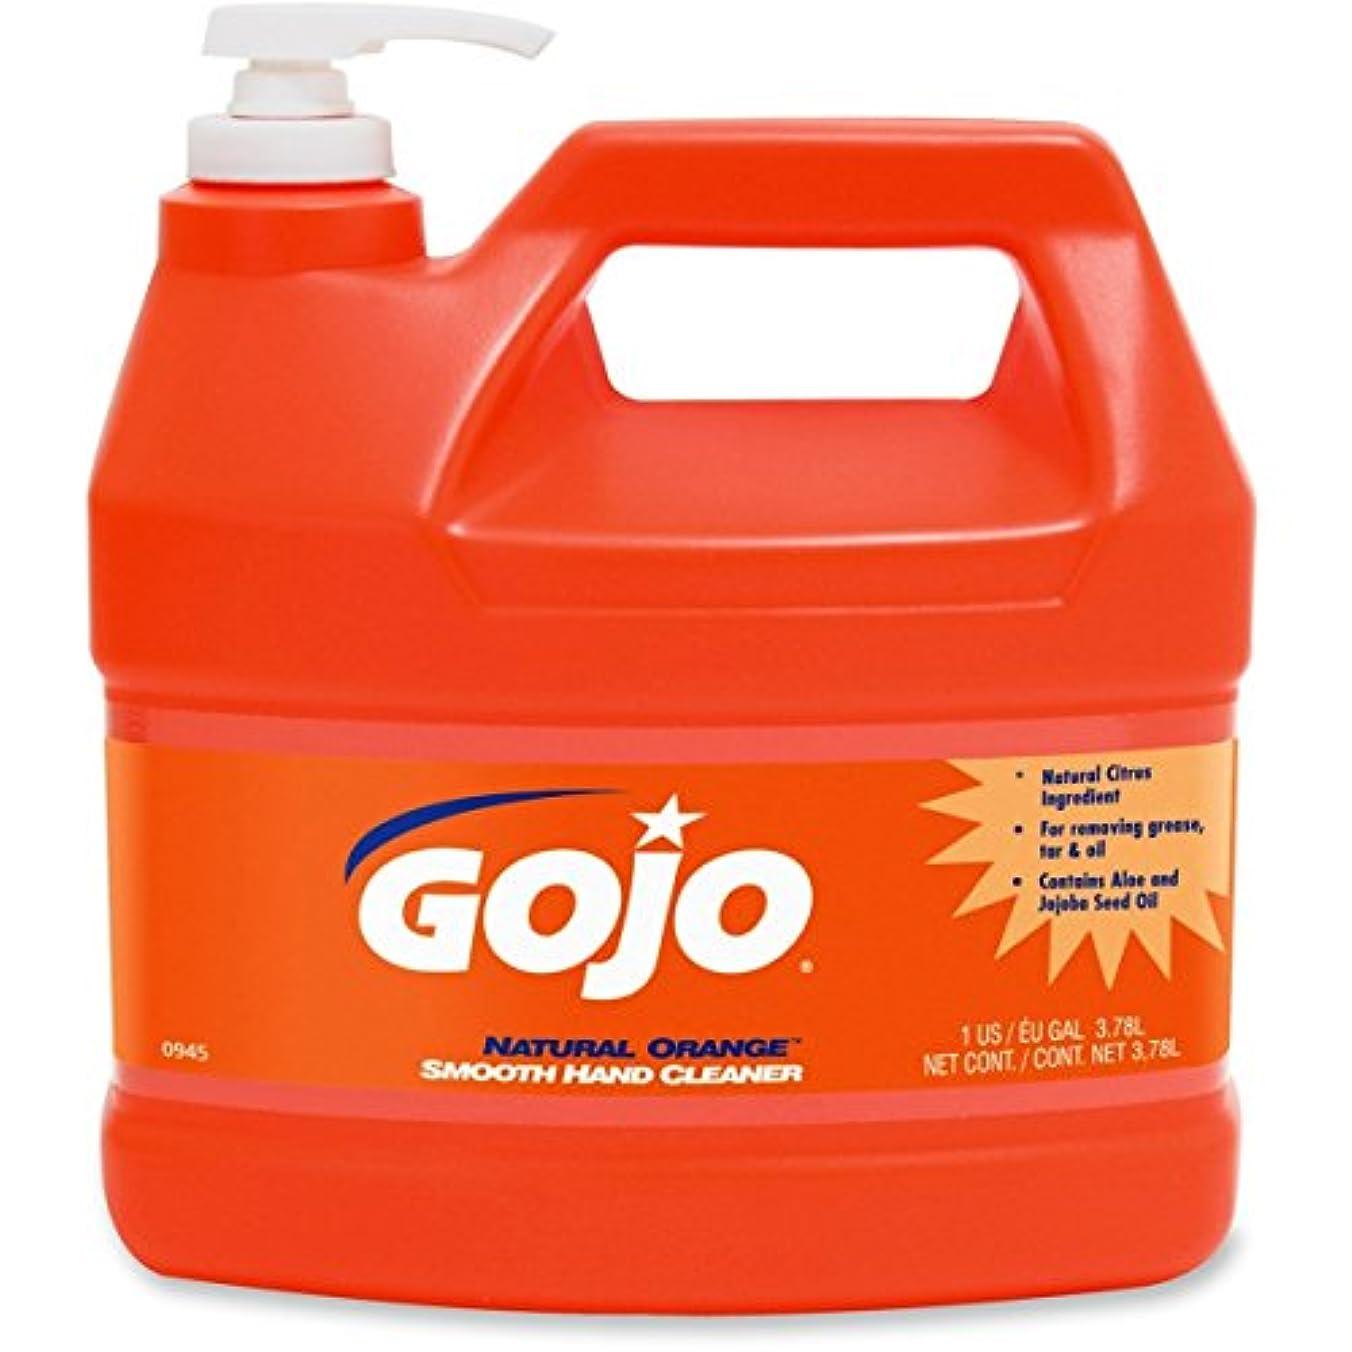 大人広い権限を与えるgoj094504 – GOJOナチュラルオレンジSmooth heavy-duty Hand Cleaner